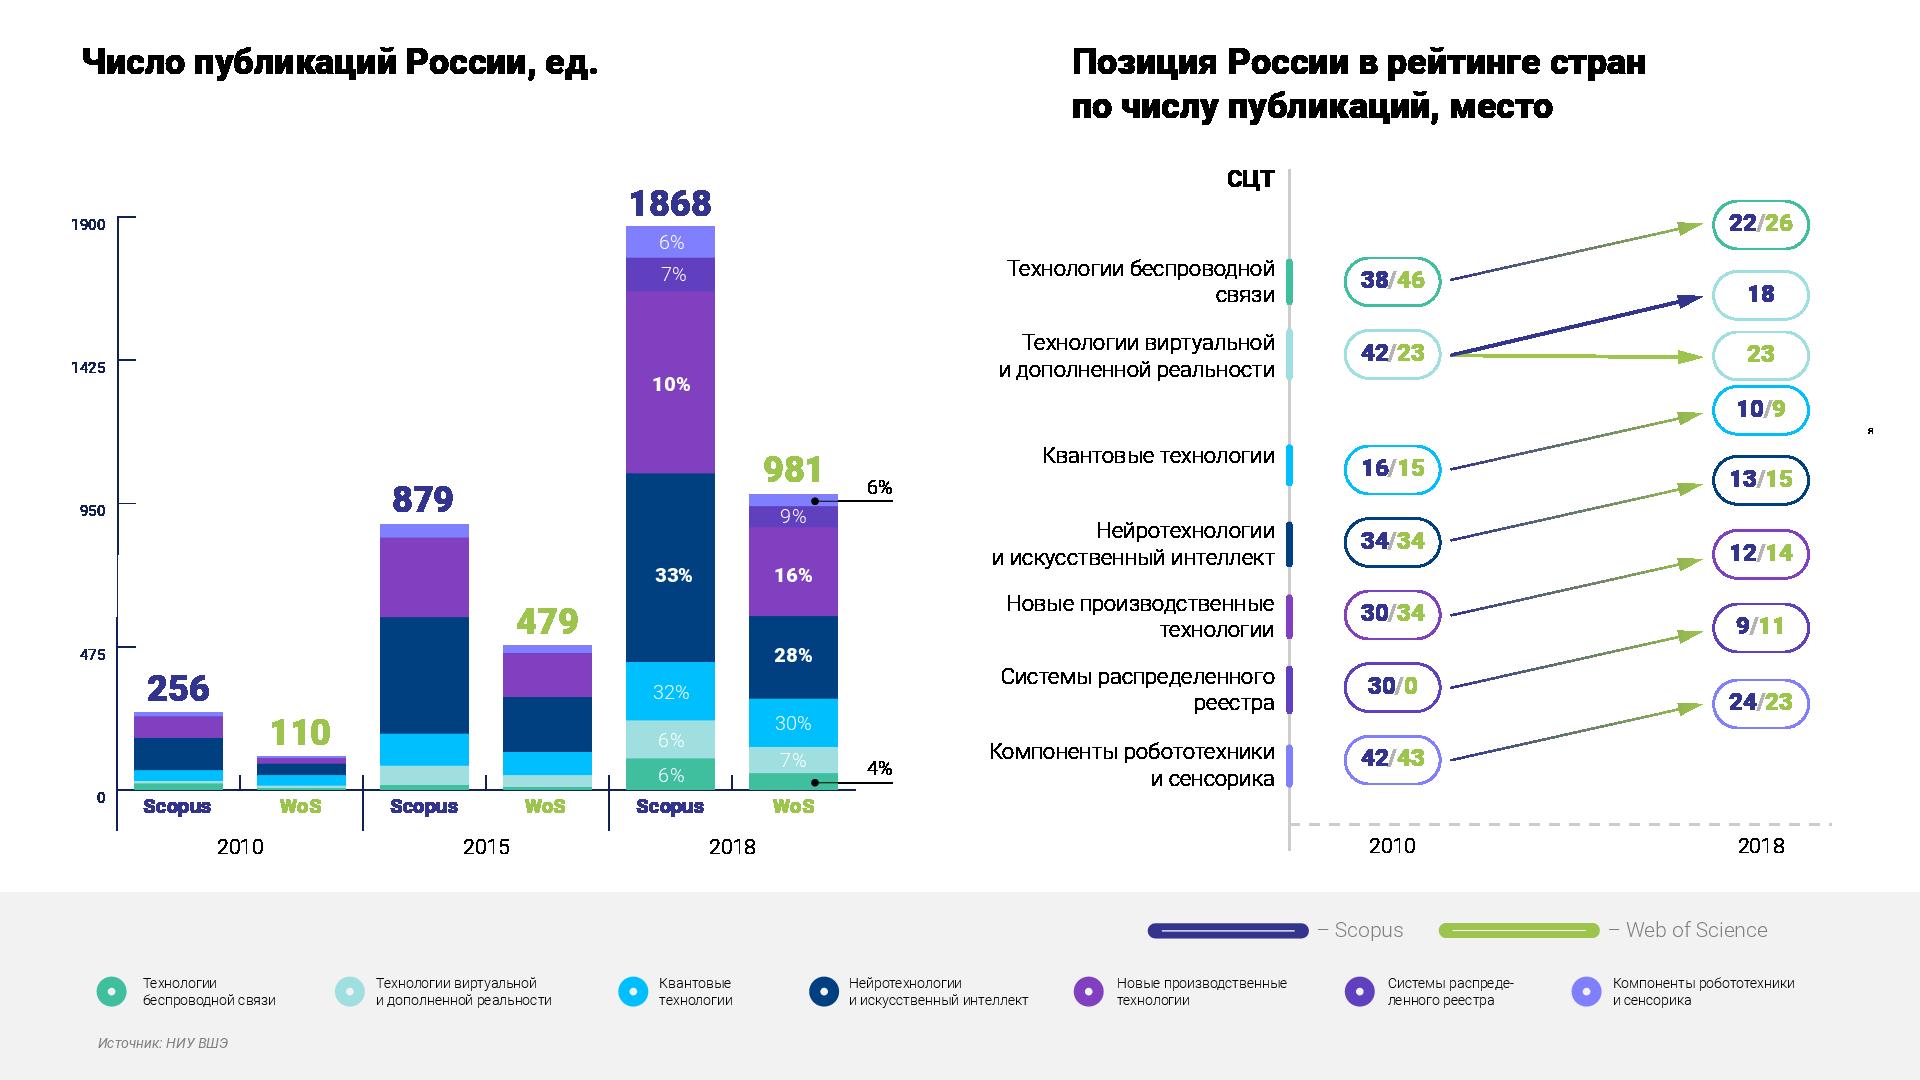 Библиометрический анализ направлений технологического развития цифровой экономики в России и за рубежом